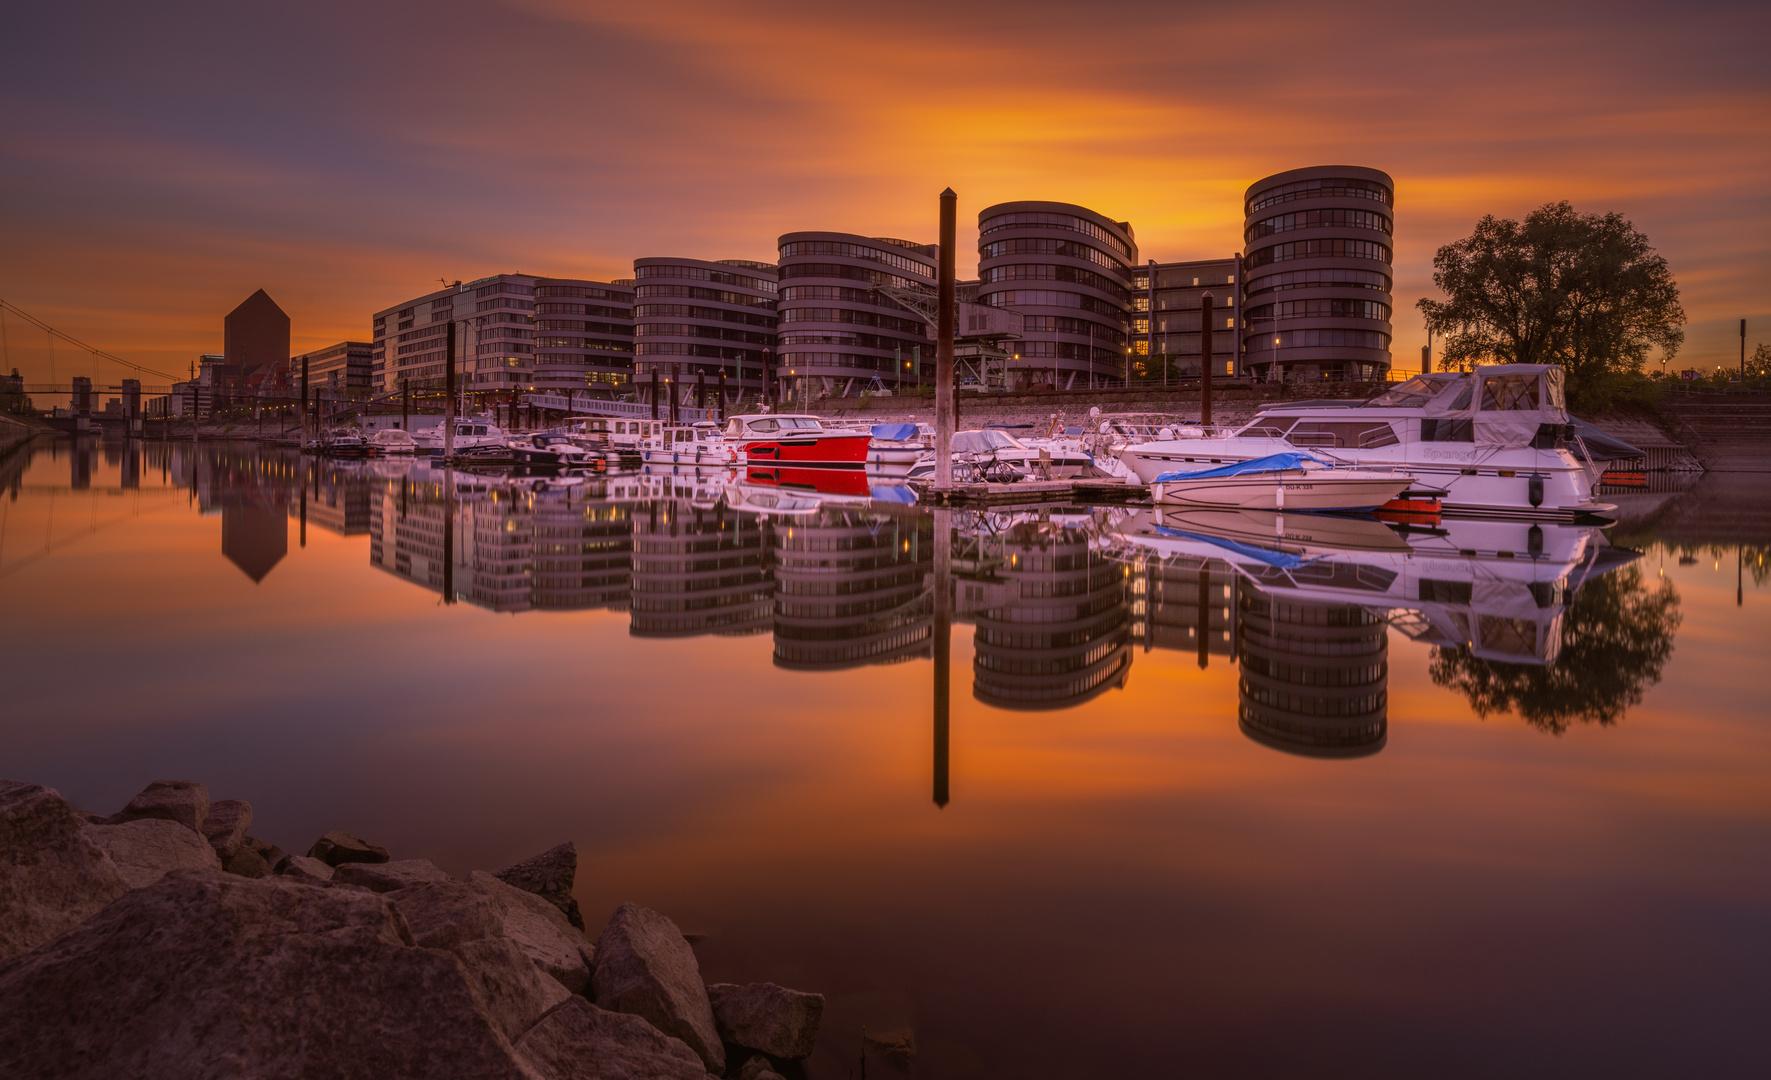 Duisburger Innenhafen im frühen Abendlicht.